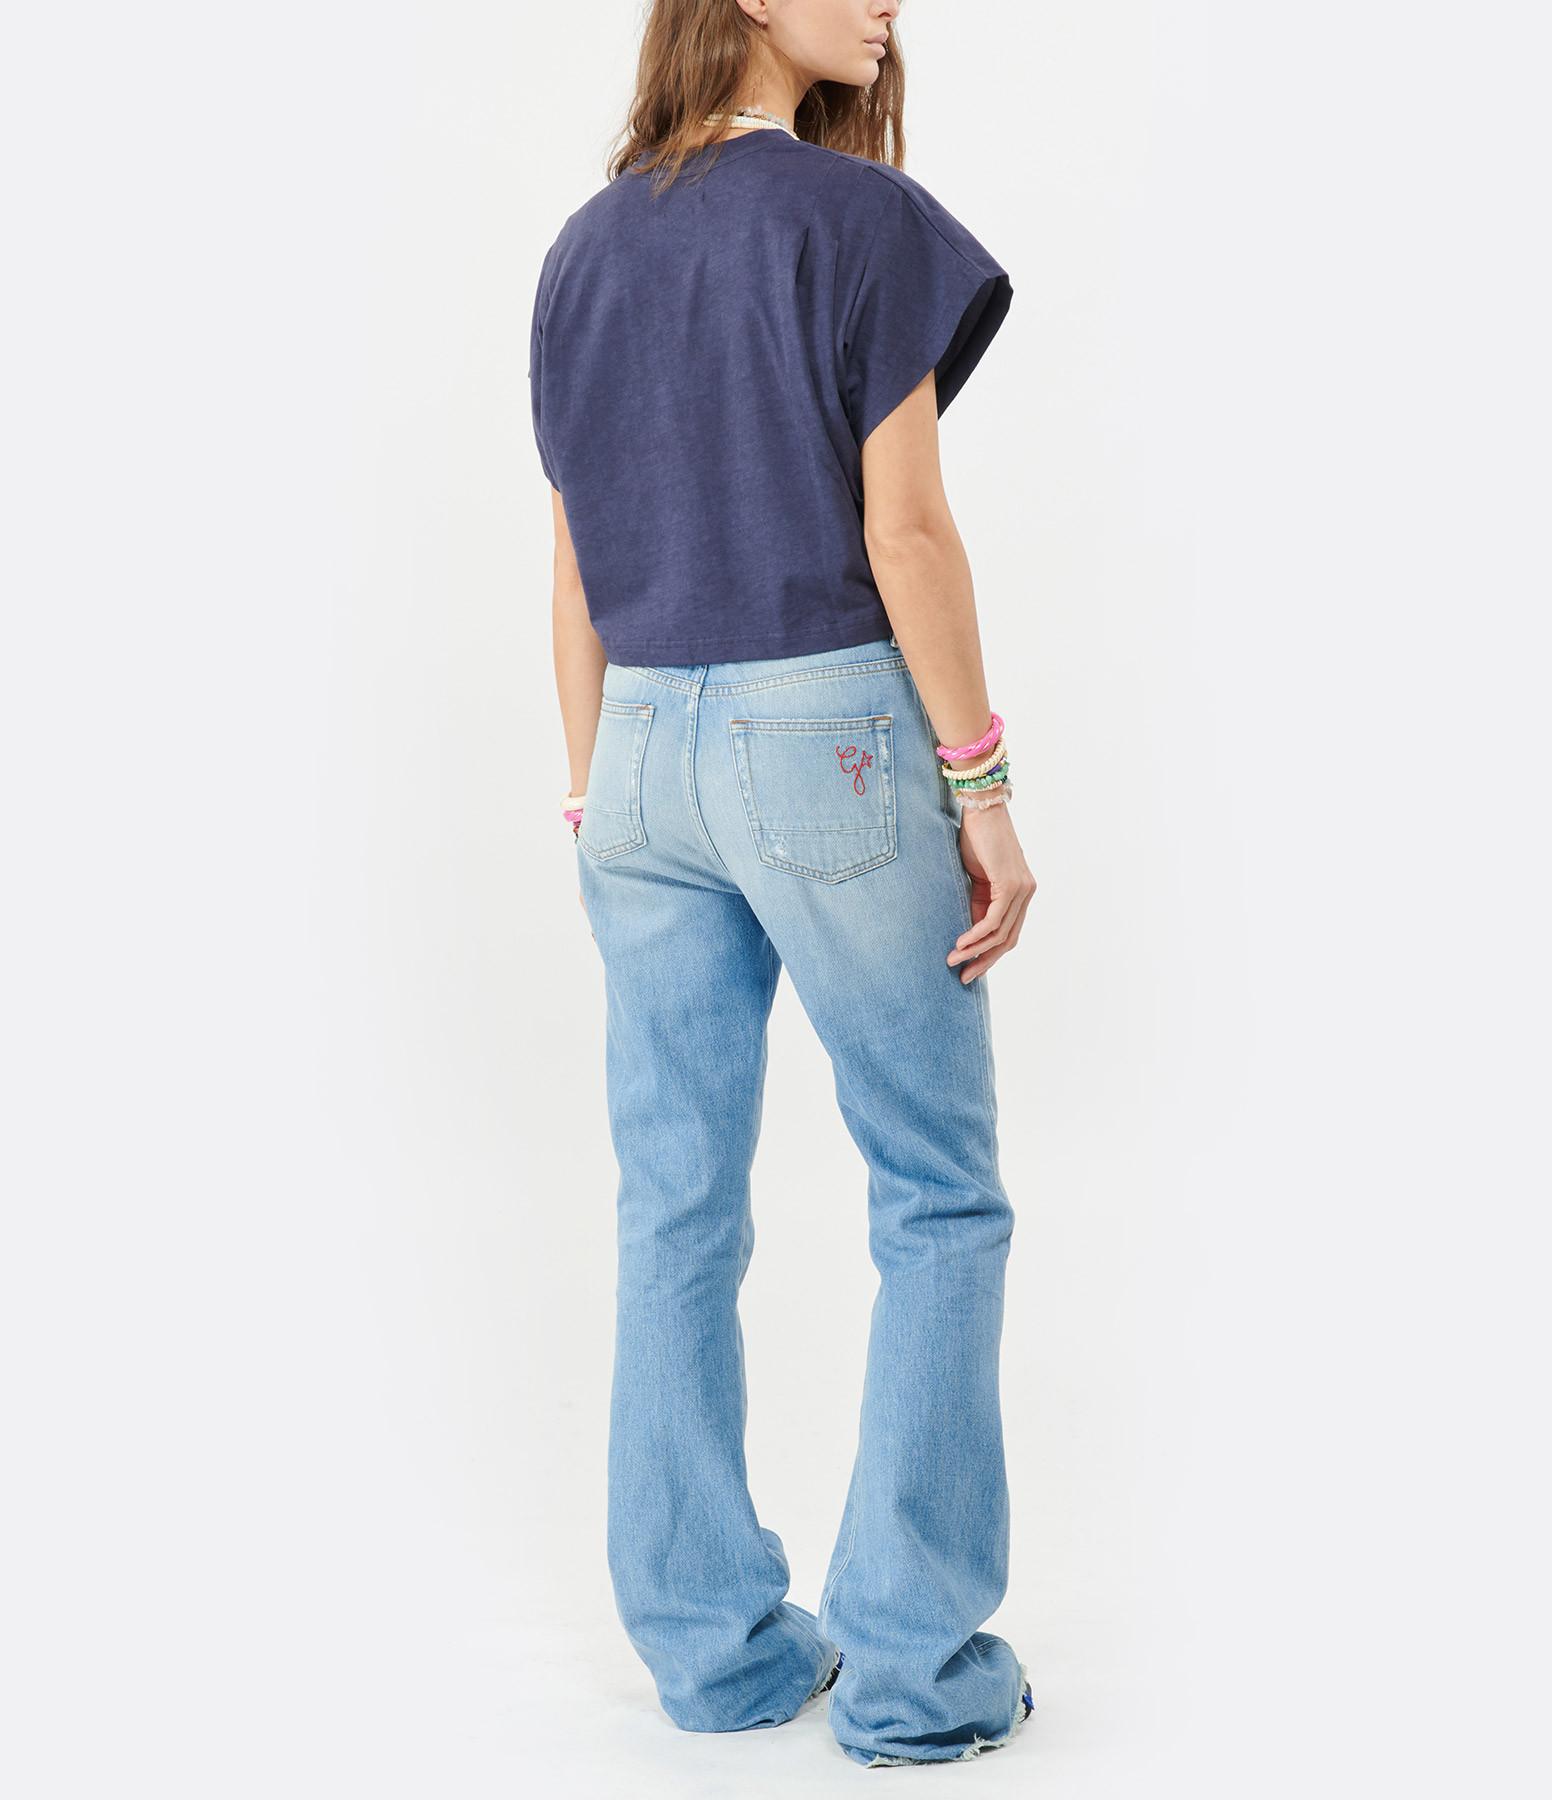 ISABEL MARANT - Tee-shirt Zinalia Coton Bleu Nuit